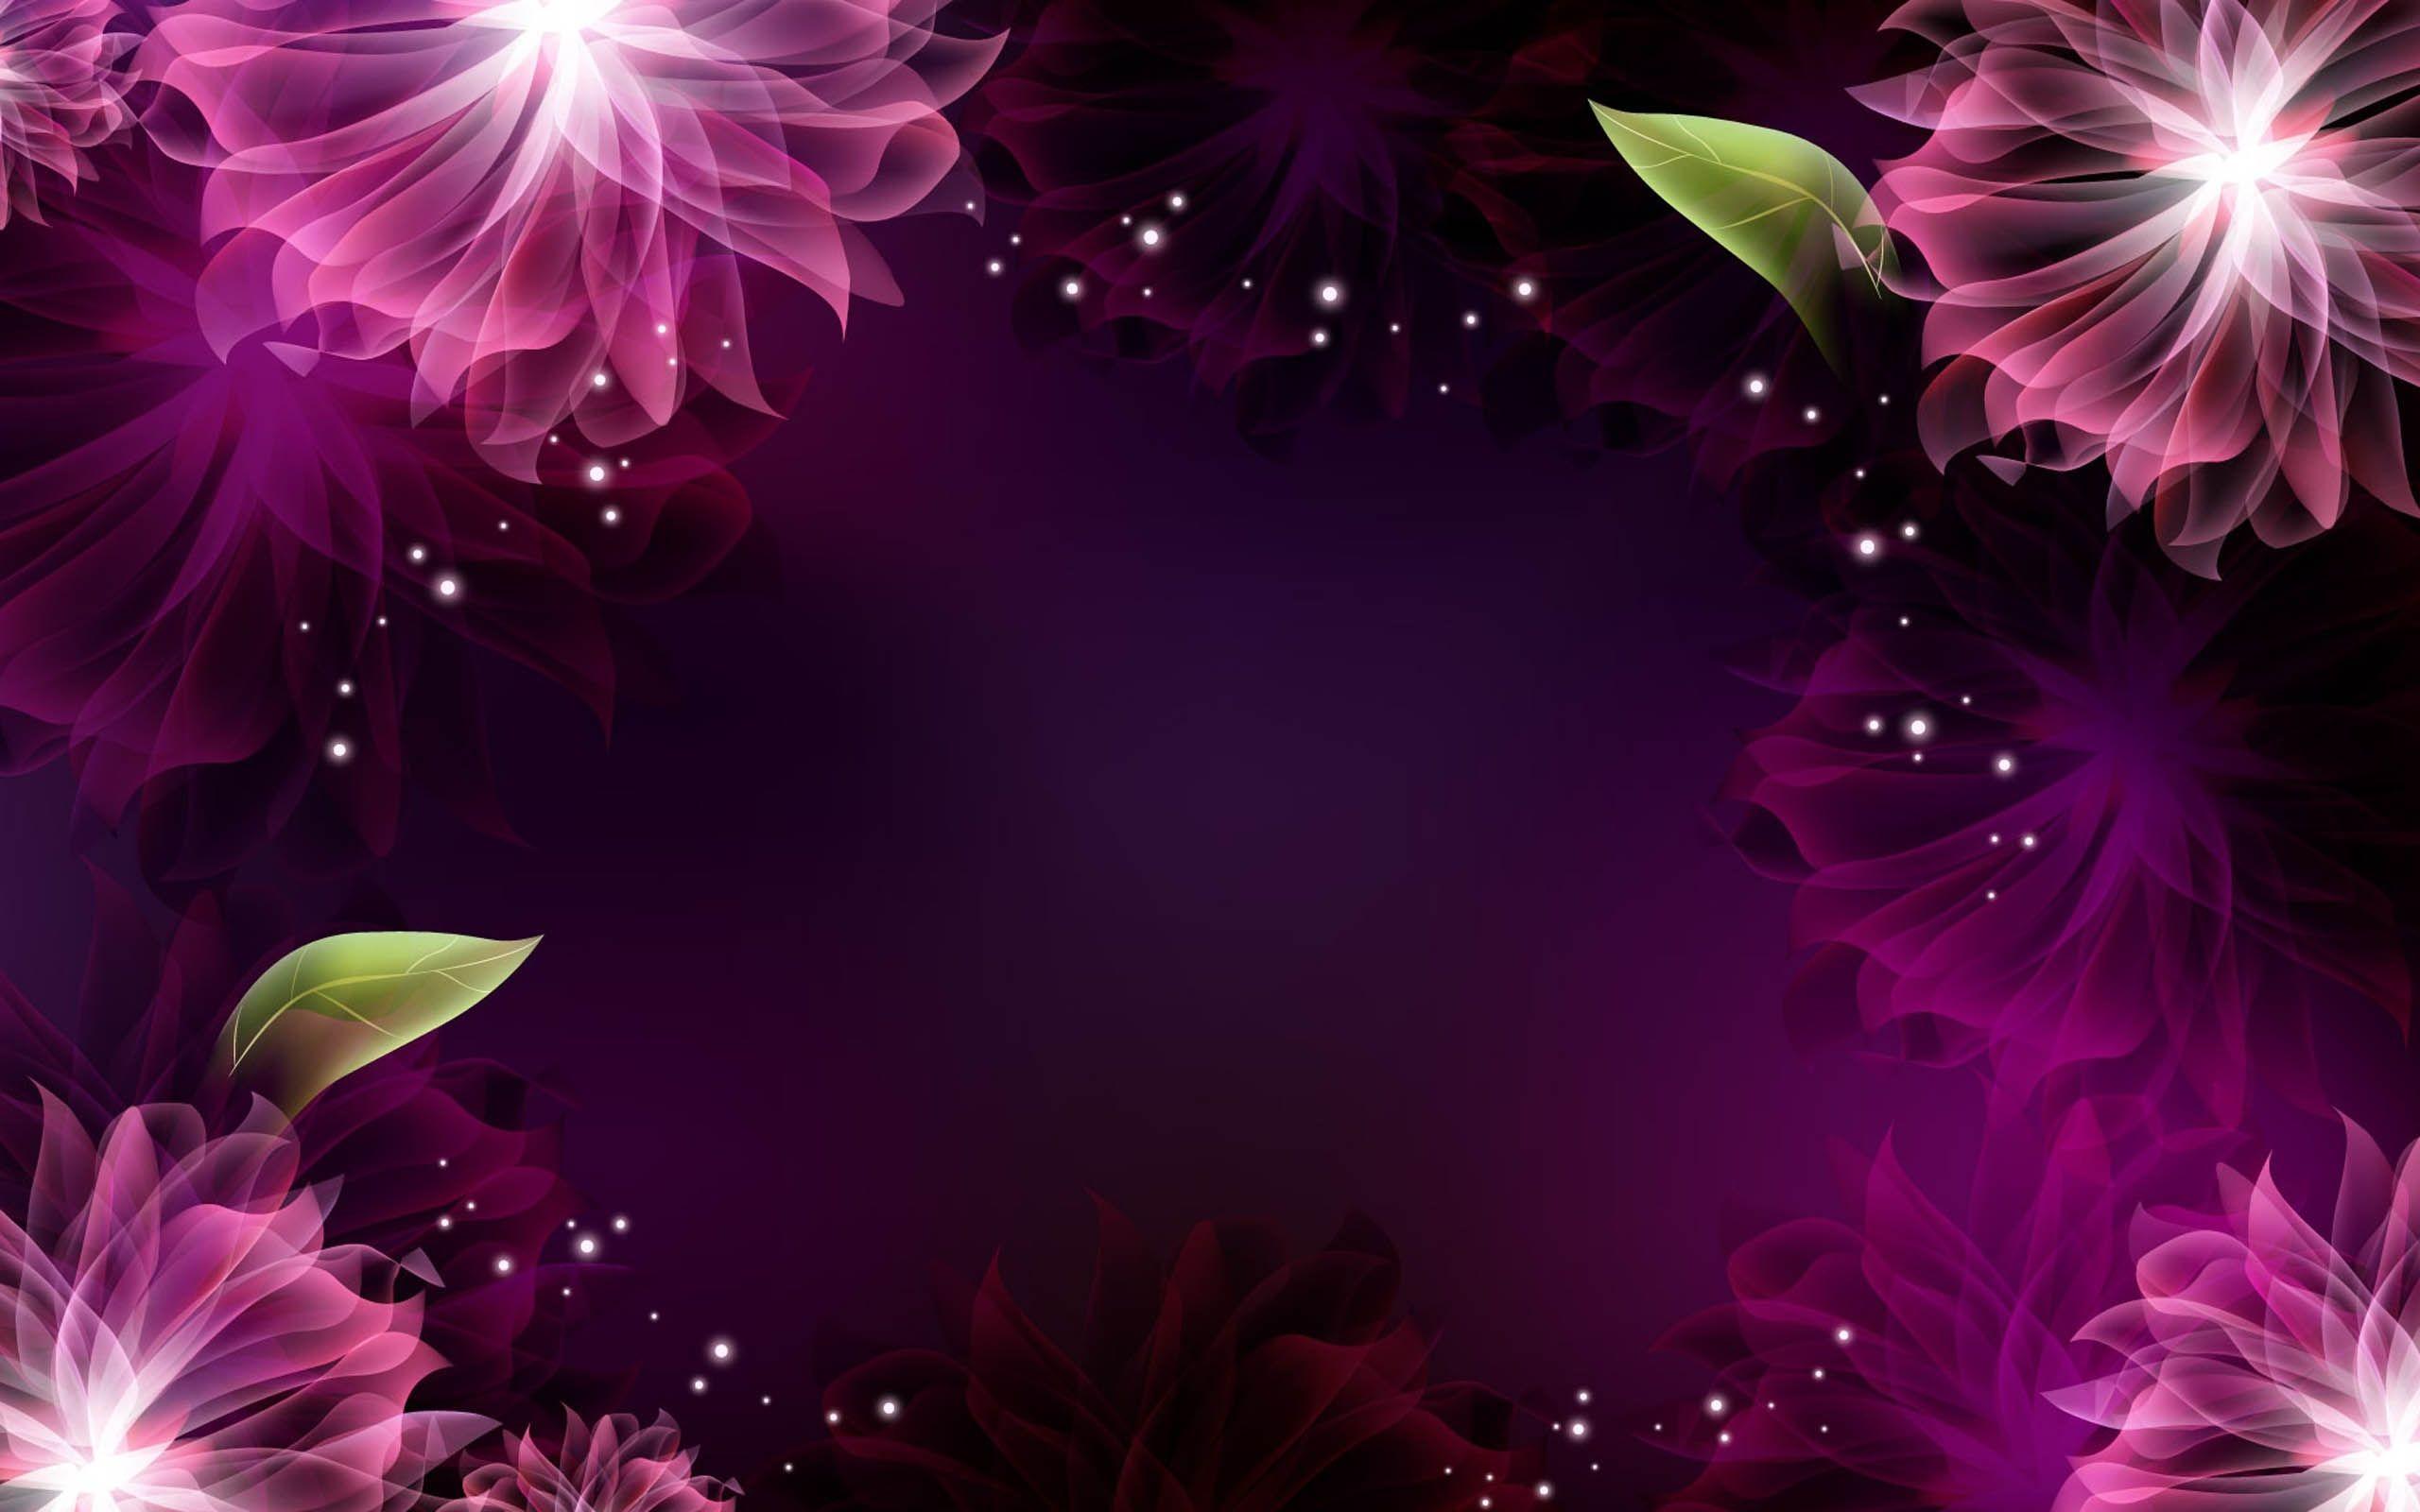 Abstract Purple Flower Flower Desktop Wallpaper Purple Flowers